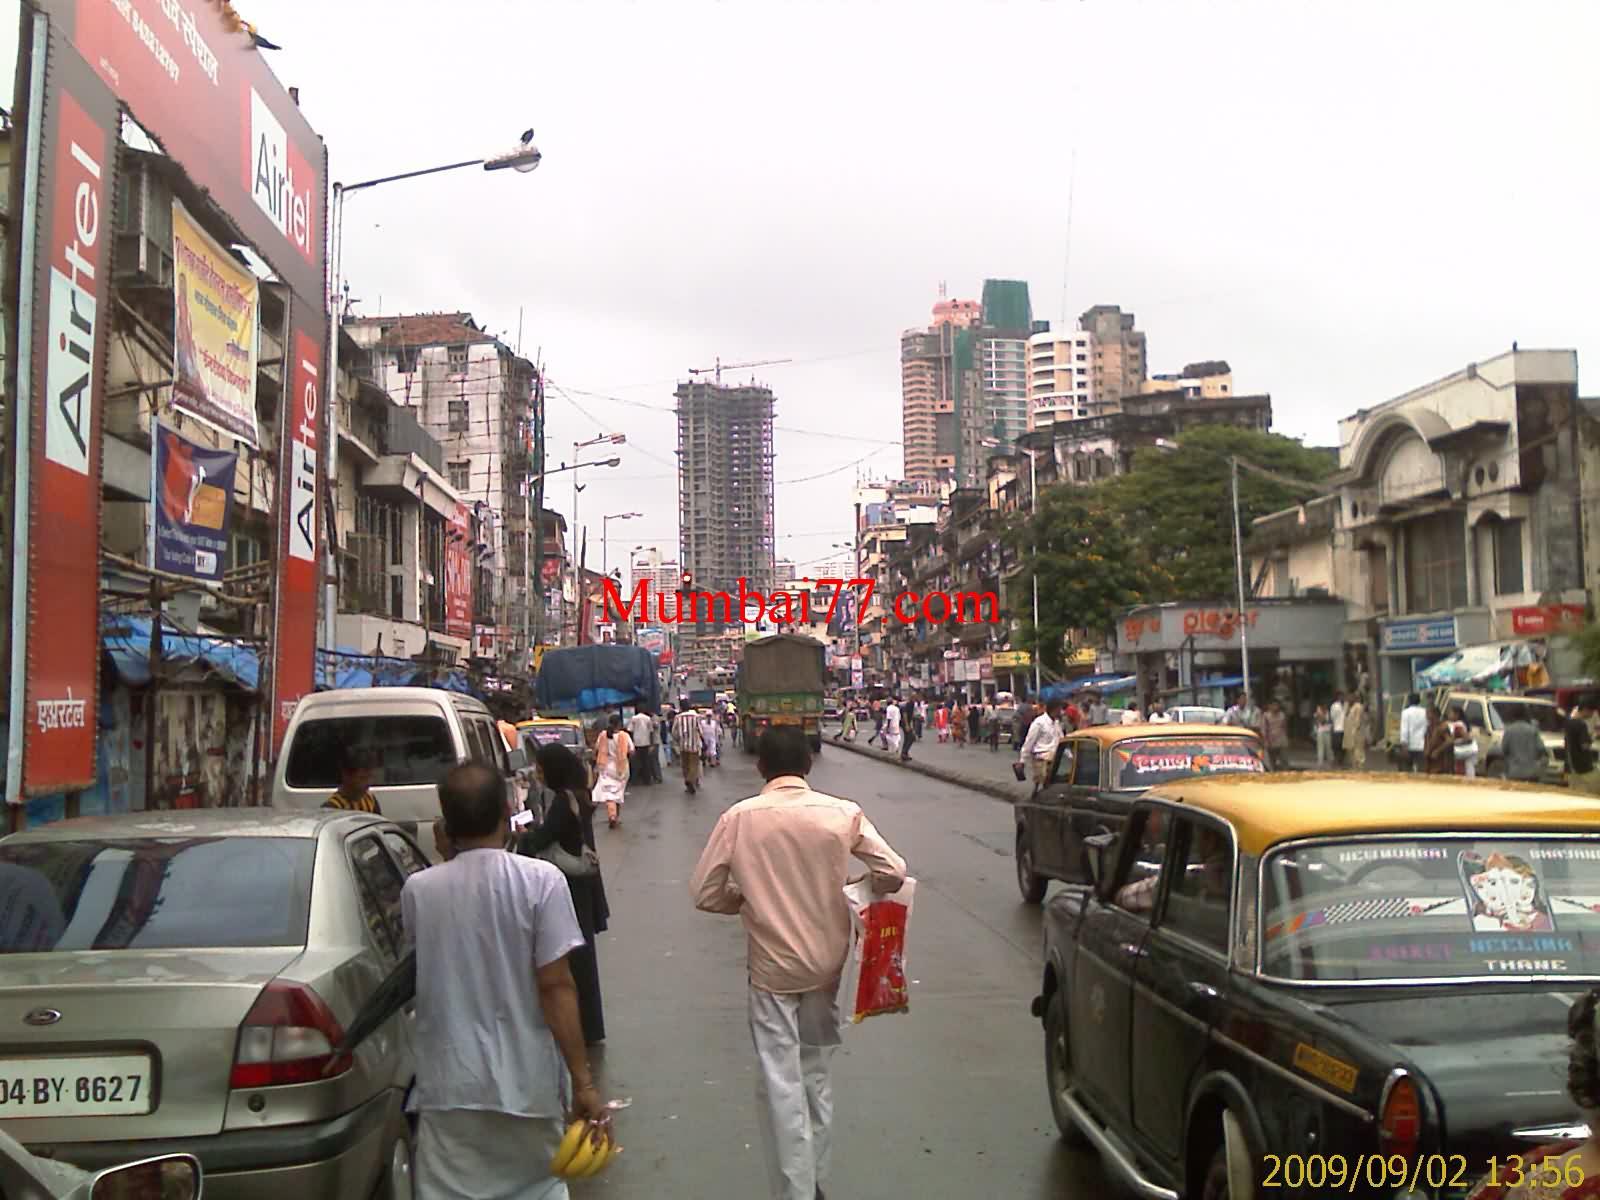 Busy Streets of Mumbai